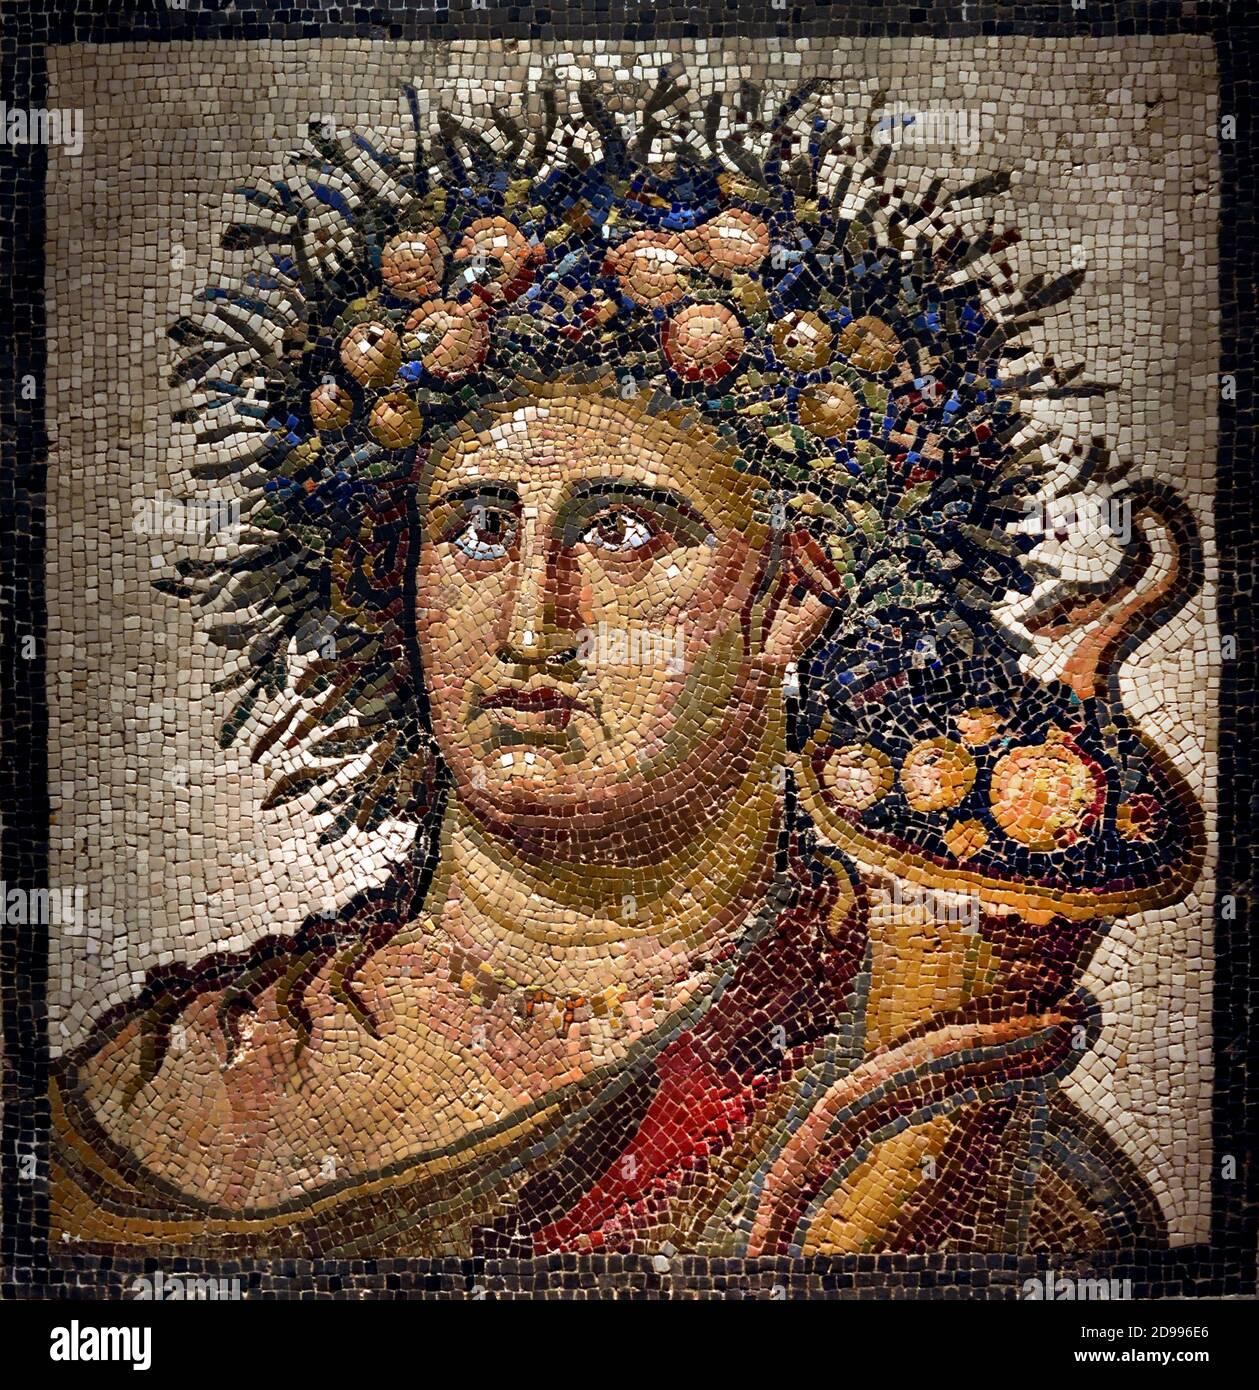 Mosaico - Genius del año. Piedra caliza y mármol. Finales del siglo II. Aranjuez Madrid, Museo Arqueológico Nacional, España, Foto de stock